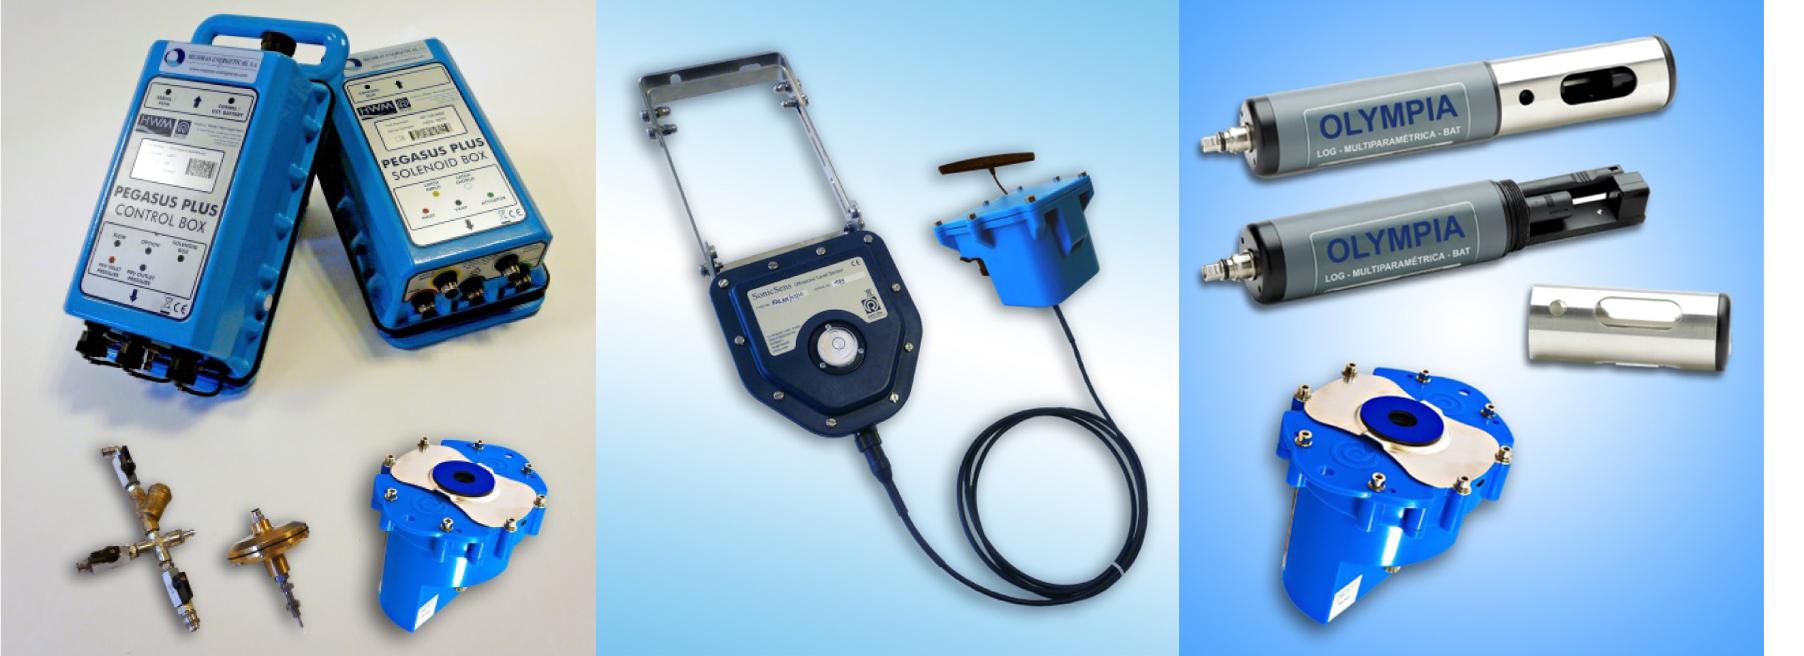 mejoras-energeticas-colabora-aqualia-smart-water-santander-equipos